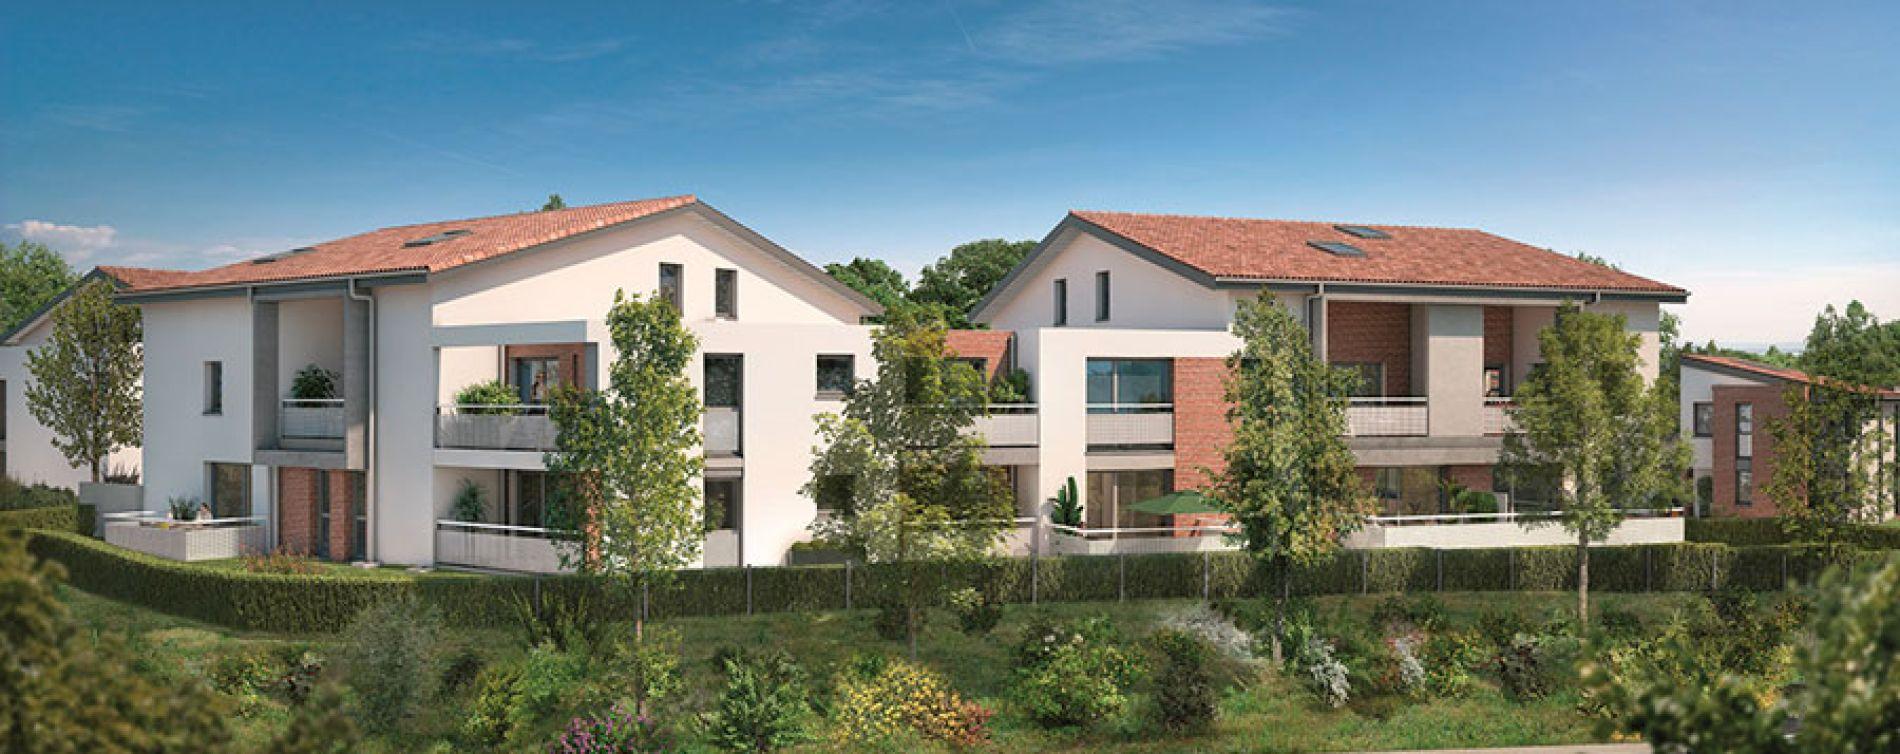 Résidence Villas Valéria à Auzeville-Tolosane